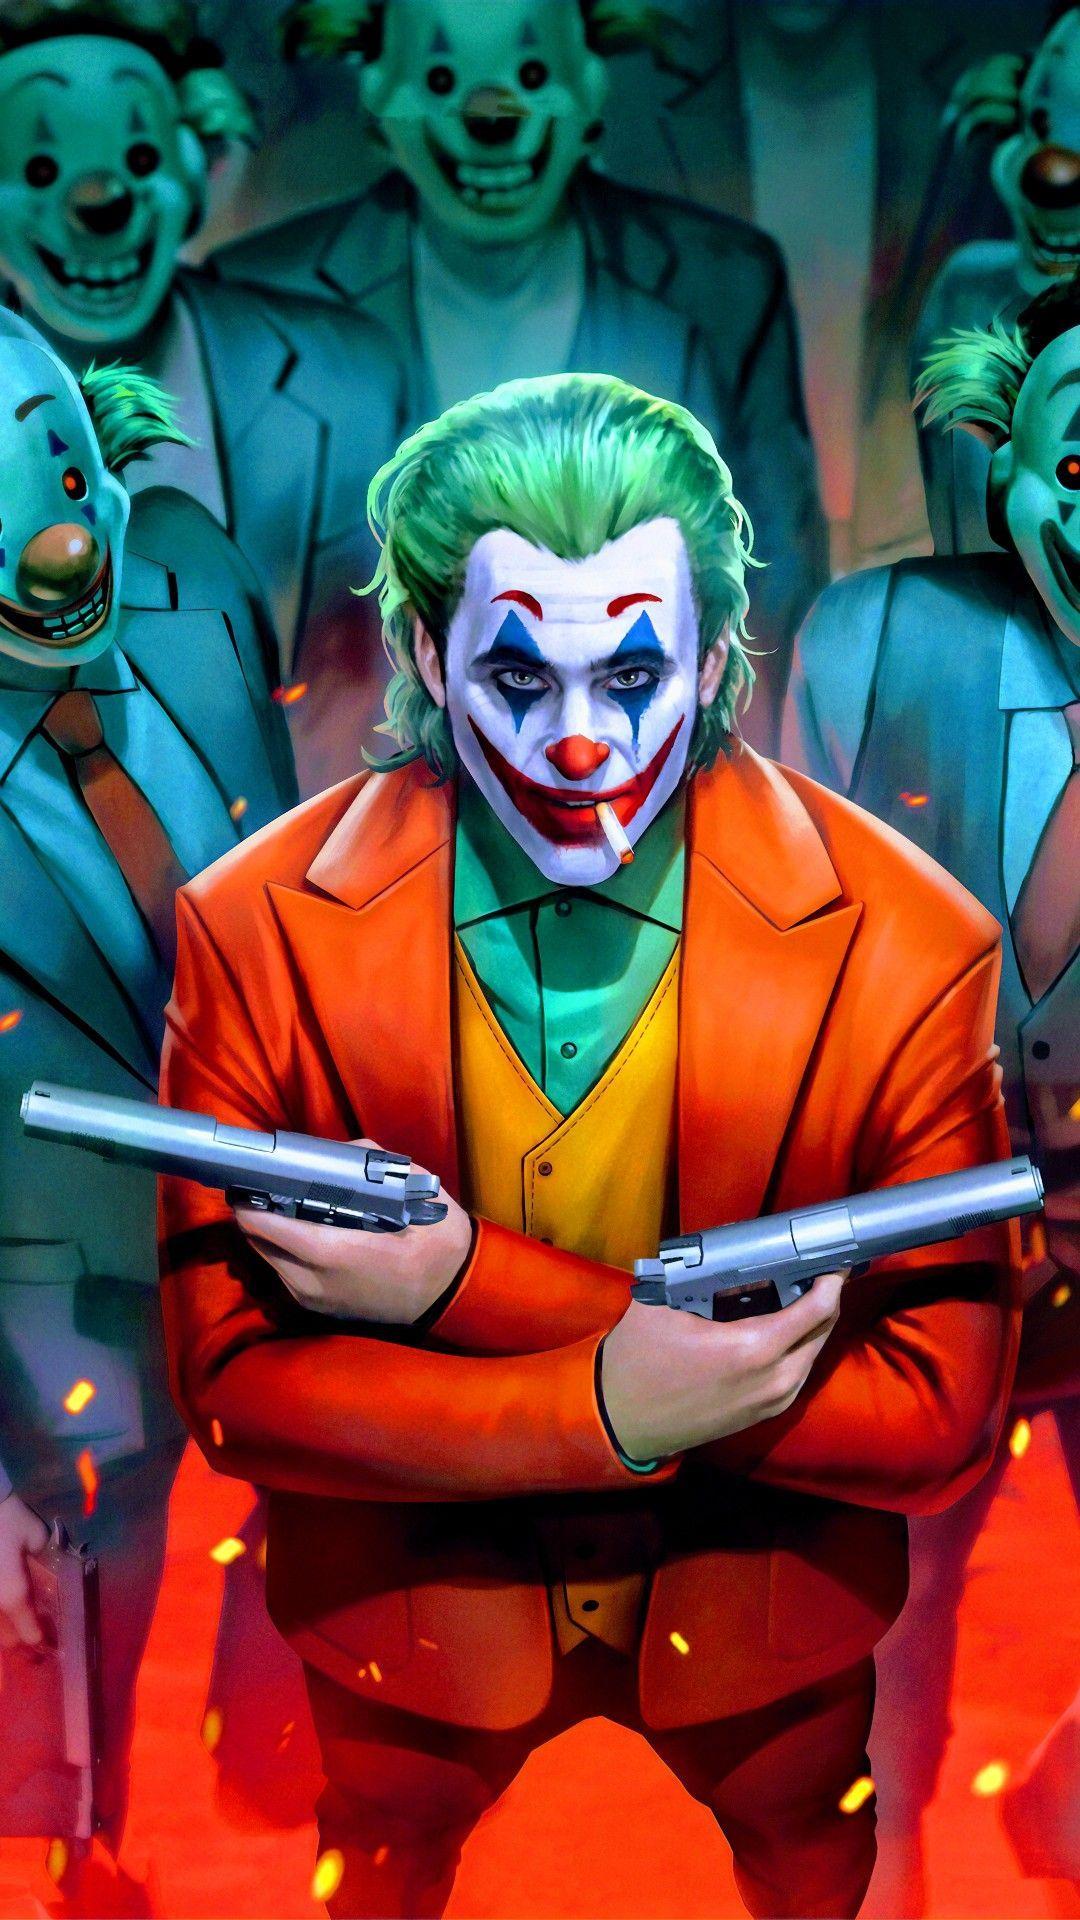 Joker Movie Art 4k Fondos De Pantalla Hdqwalls Com In 2021 Joker Hd Wallpaper Joker Artwork Joker Art Joker 2021 joker wallpaper hd download